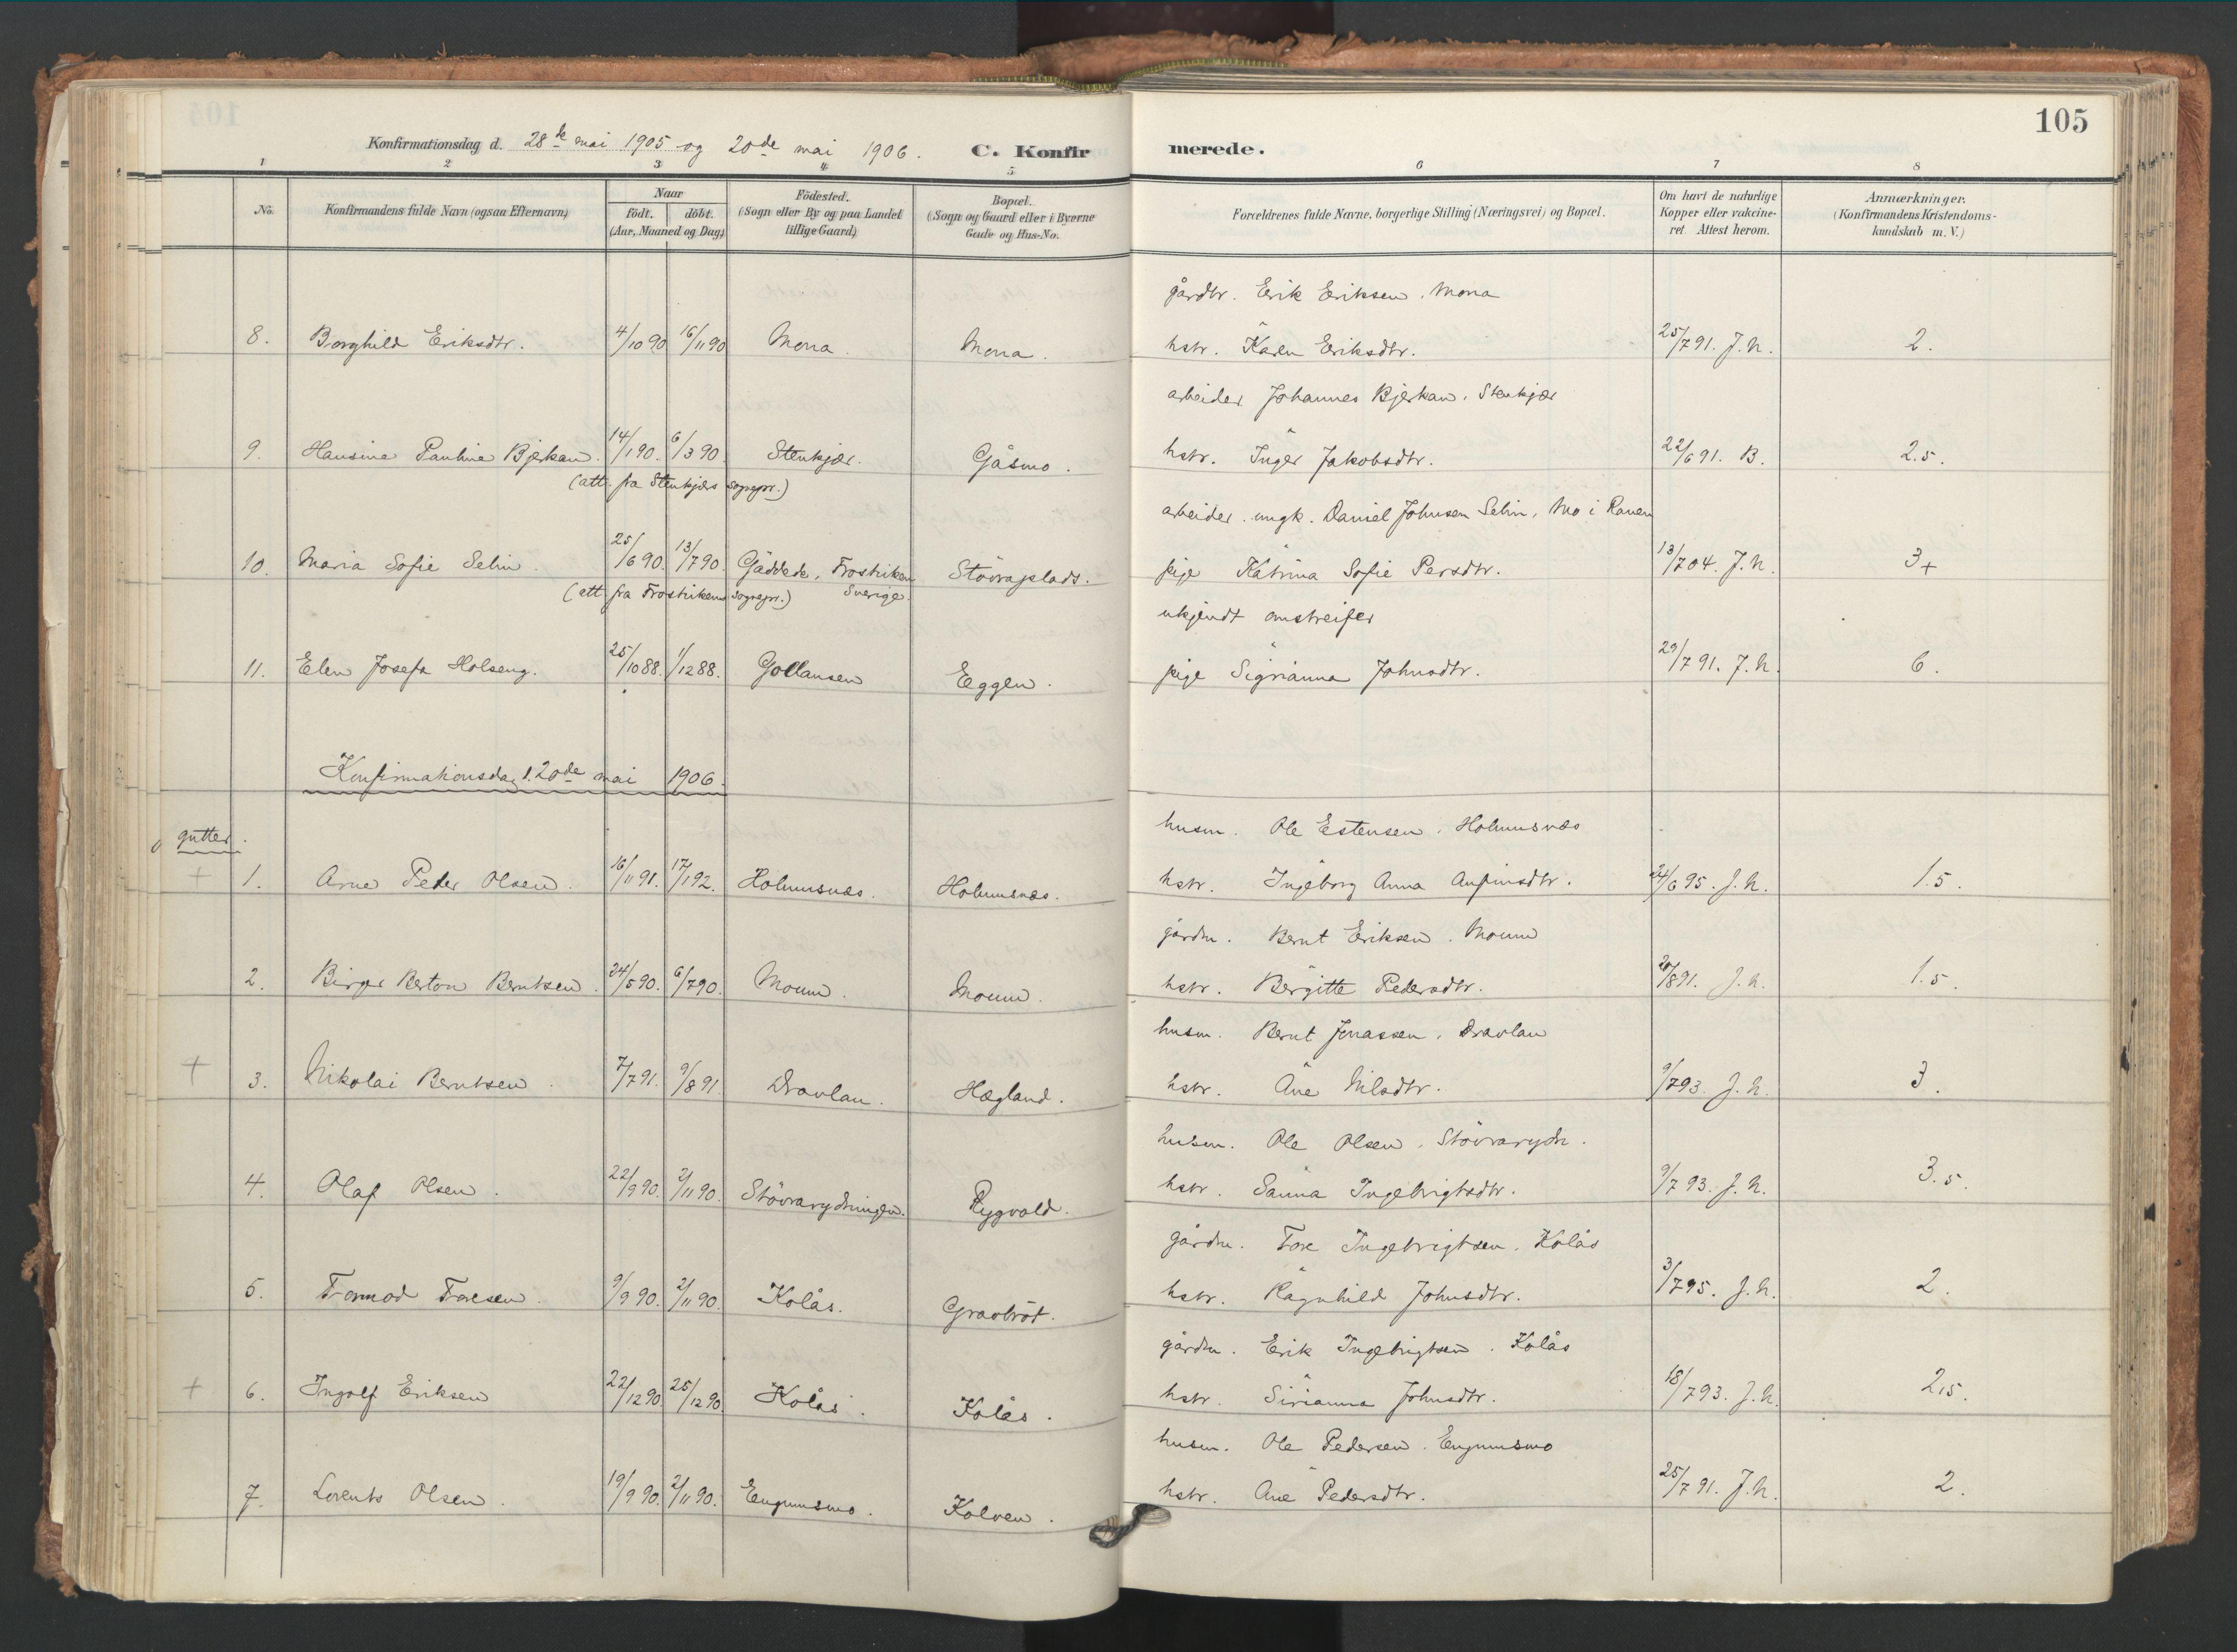 SAT, Ministerialprotokoller, klokkerbøker og fødselsregistre - Nord-Trøndelag, 749/L0477: Ministerialbok nr. 749A11, 1902-1927, s. 105